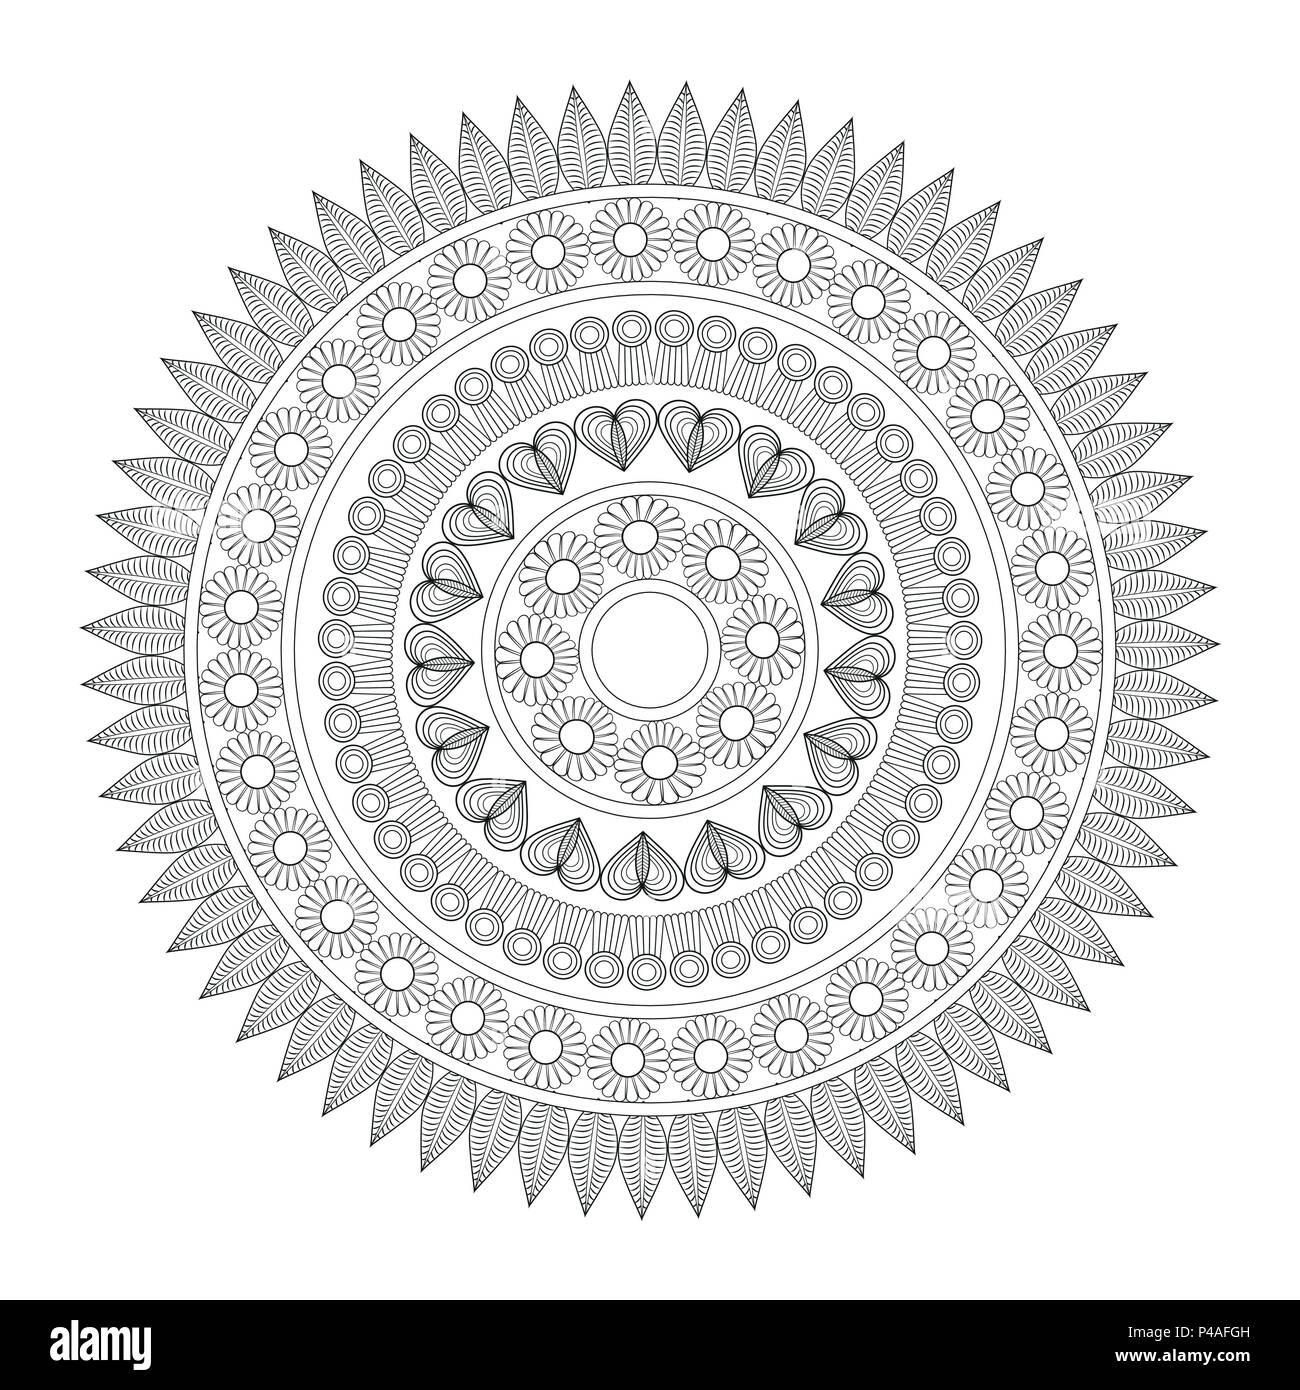 Mandala indian emblem - Stock Image